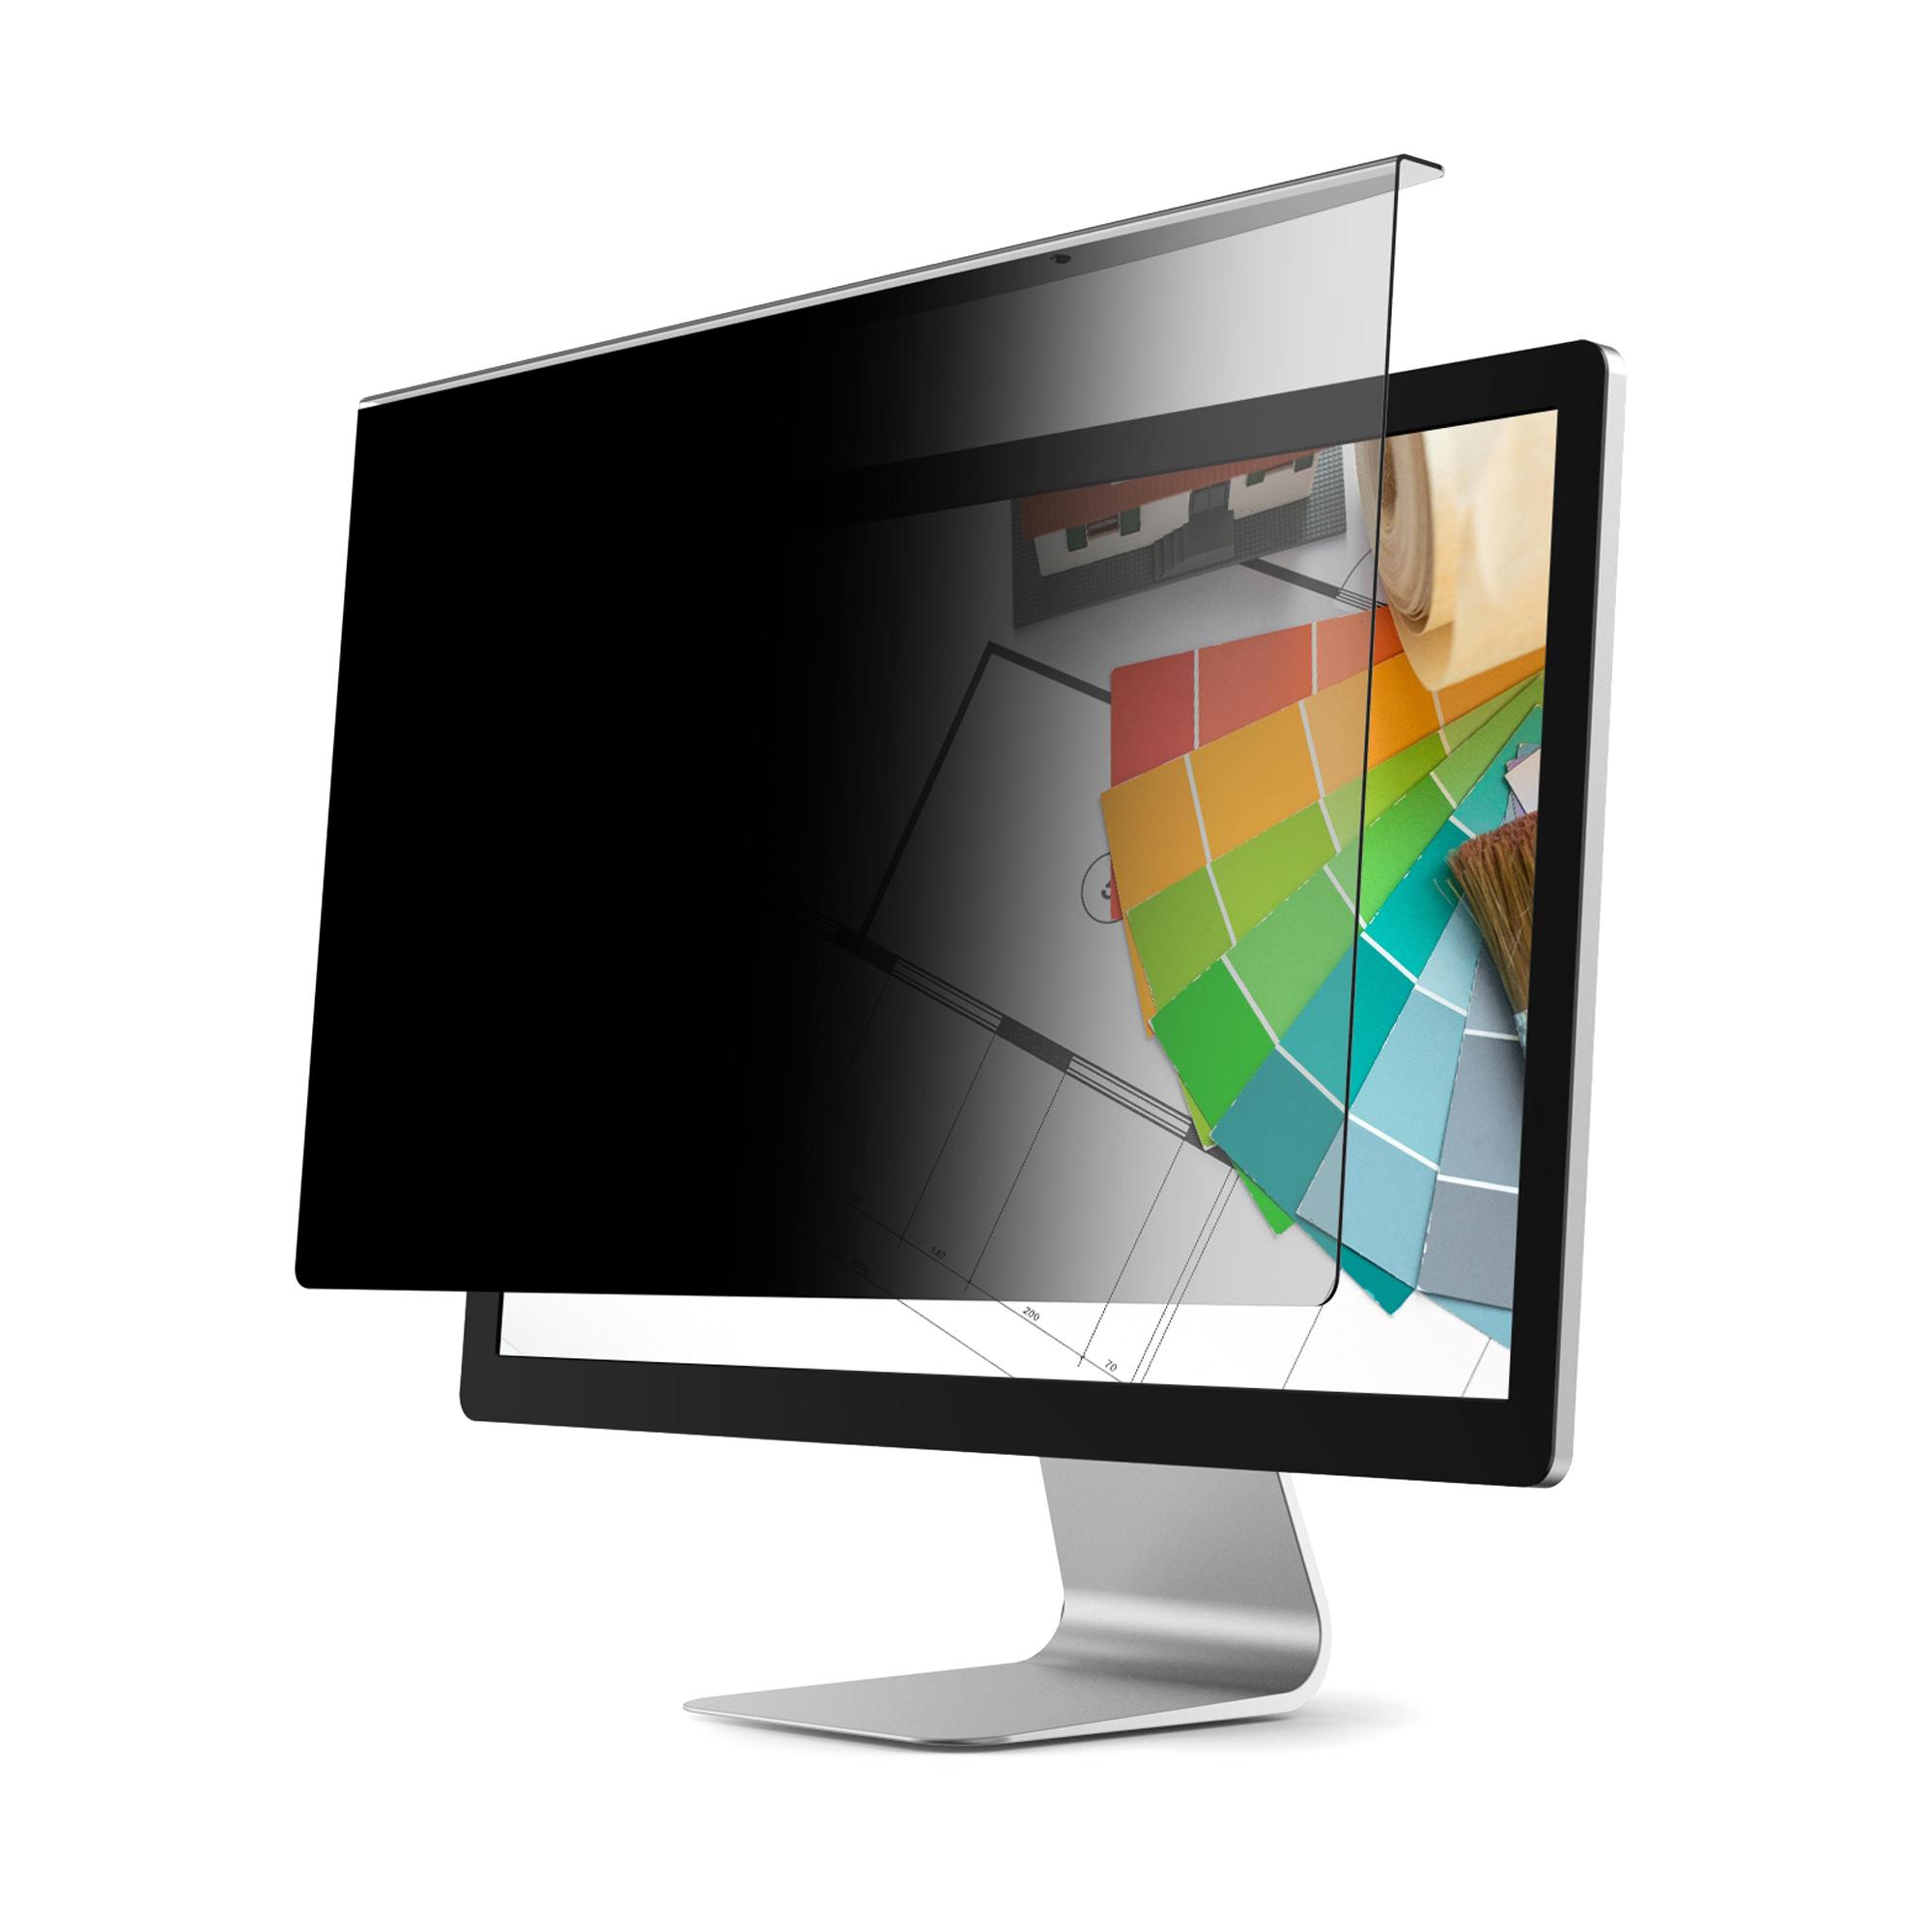 에스뷰 거치형 모니터 노트북 정보보호필름 365 x 230 x 2.5 mm, 단일상품, 1개